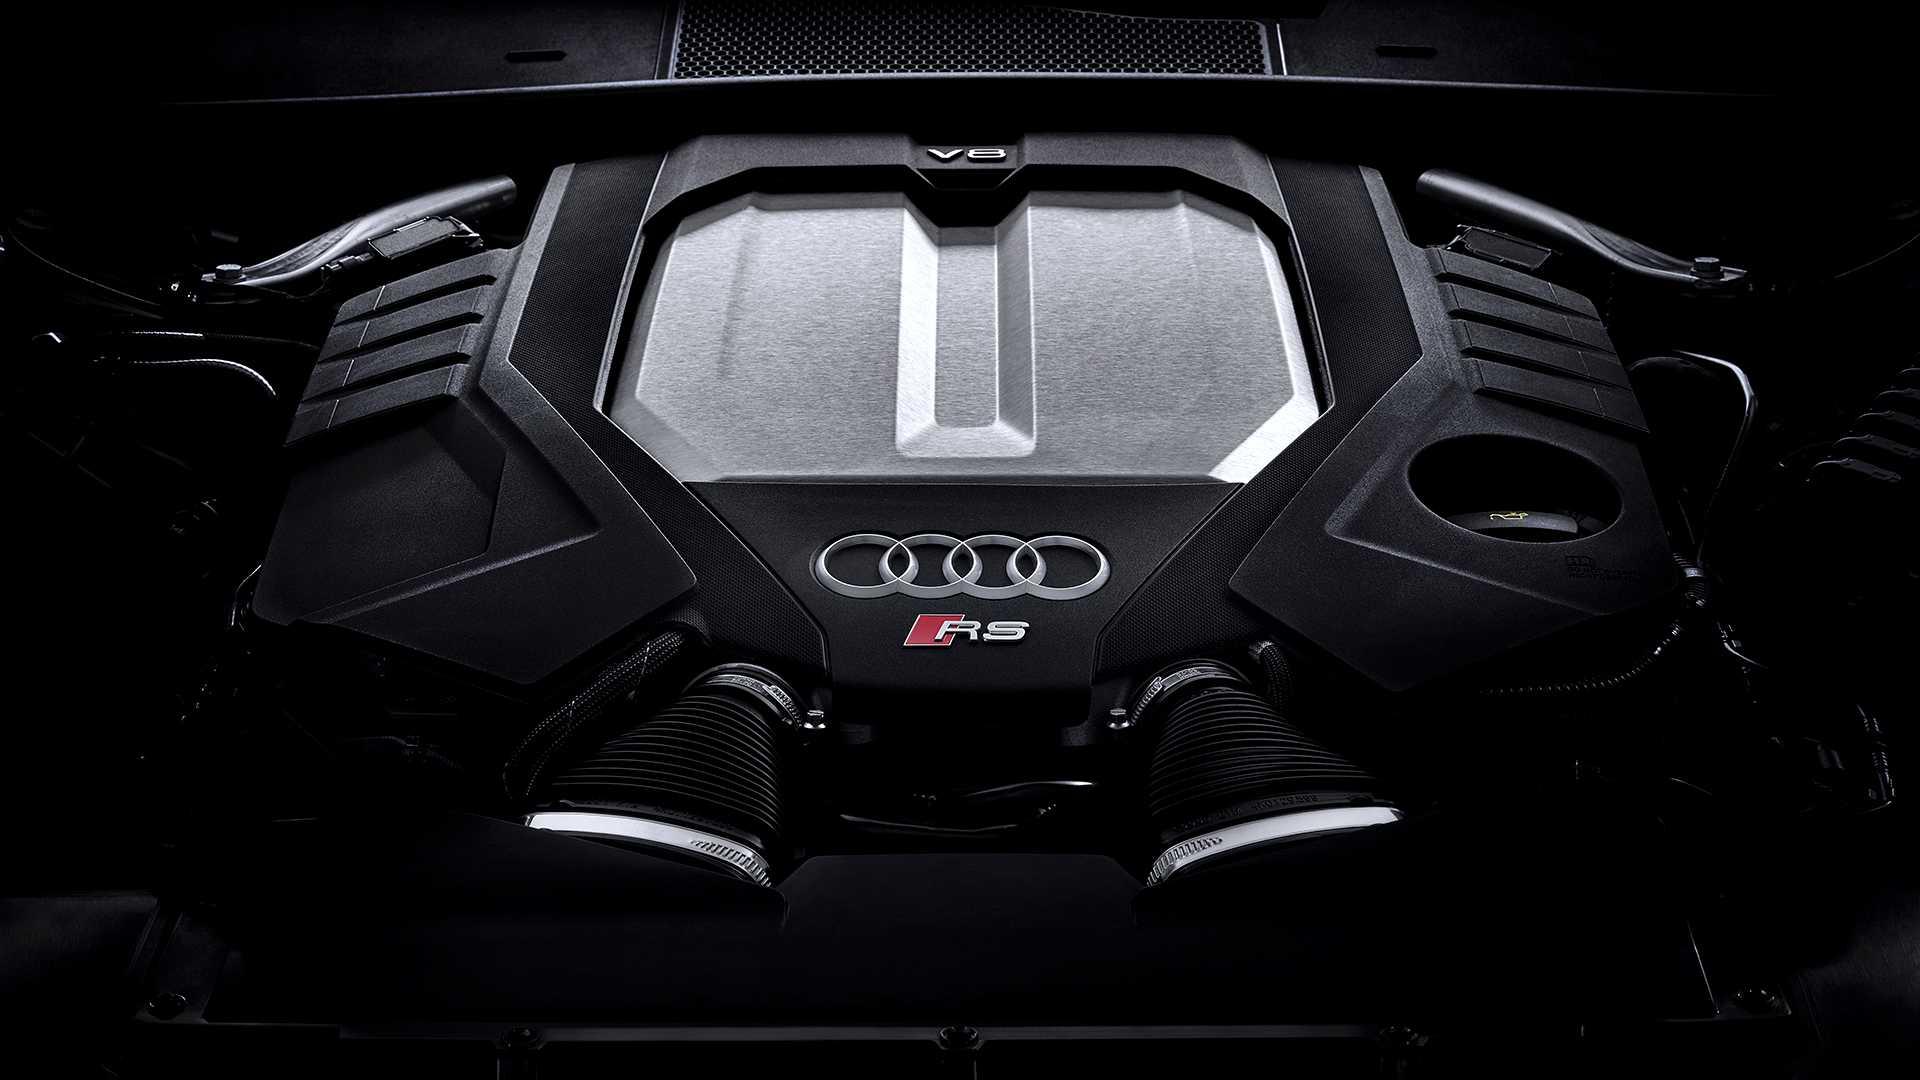 Audi RS6 Avant lần đầu ra mắt tại Mỹ kỷ niệm 25 năm dòng xe RS của Audi - 12